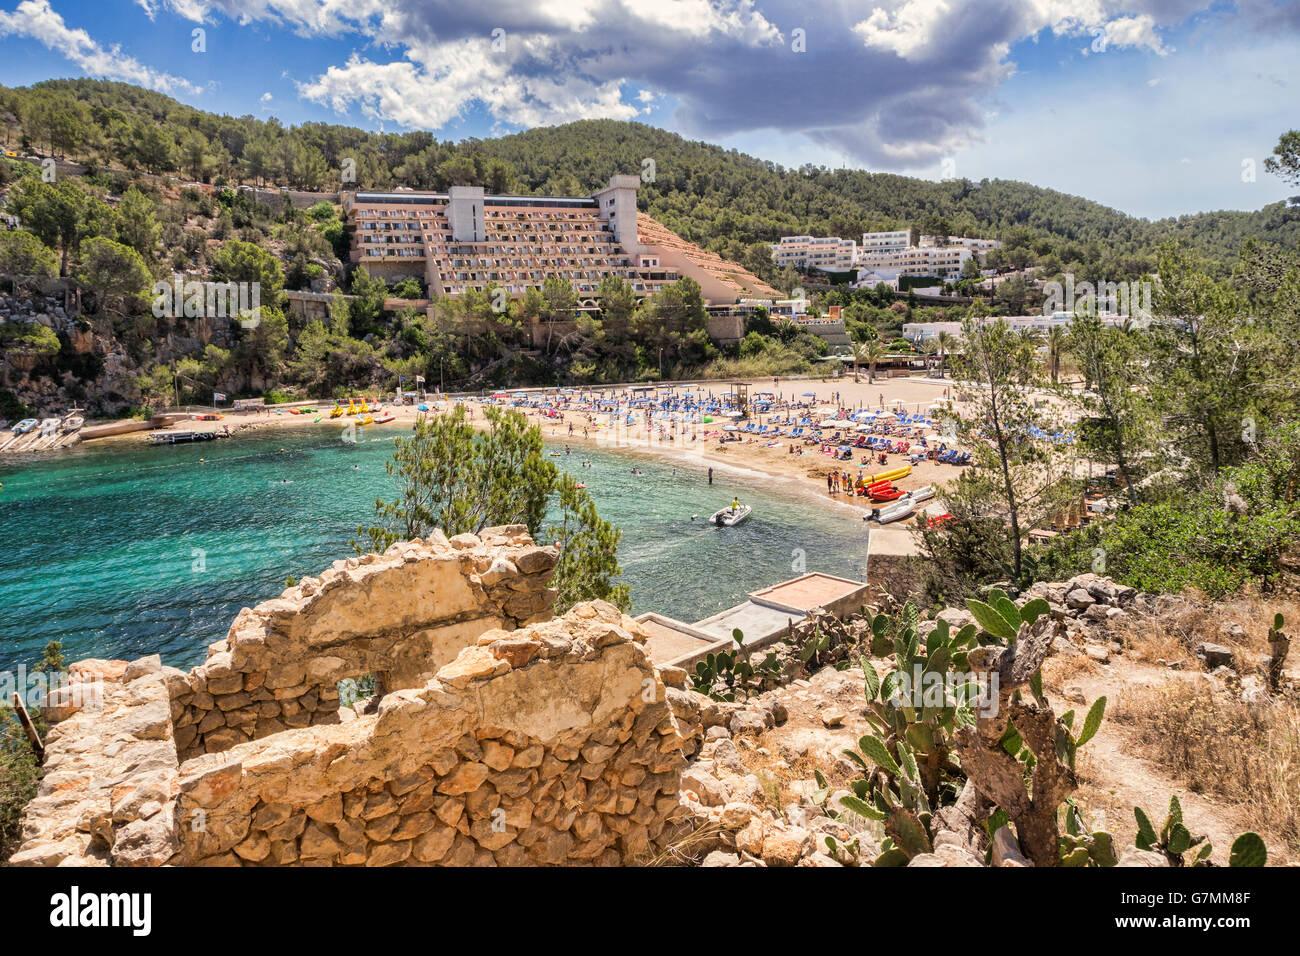 Puerto de San Miguel, Ibiza, Spagna. Immagini Stock